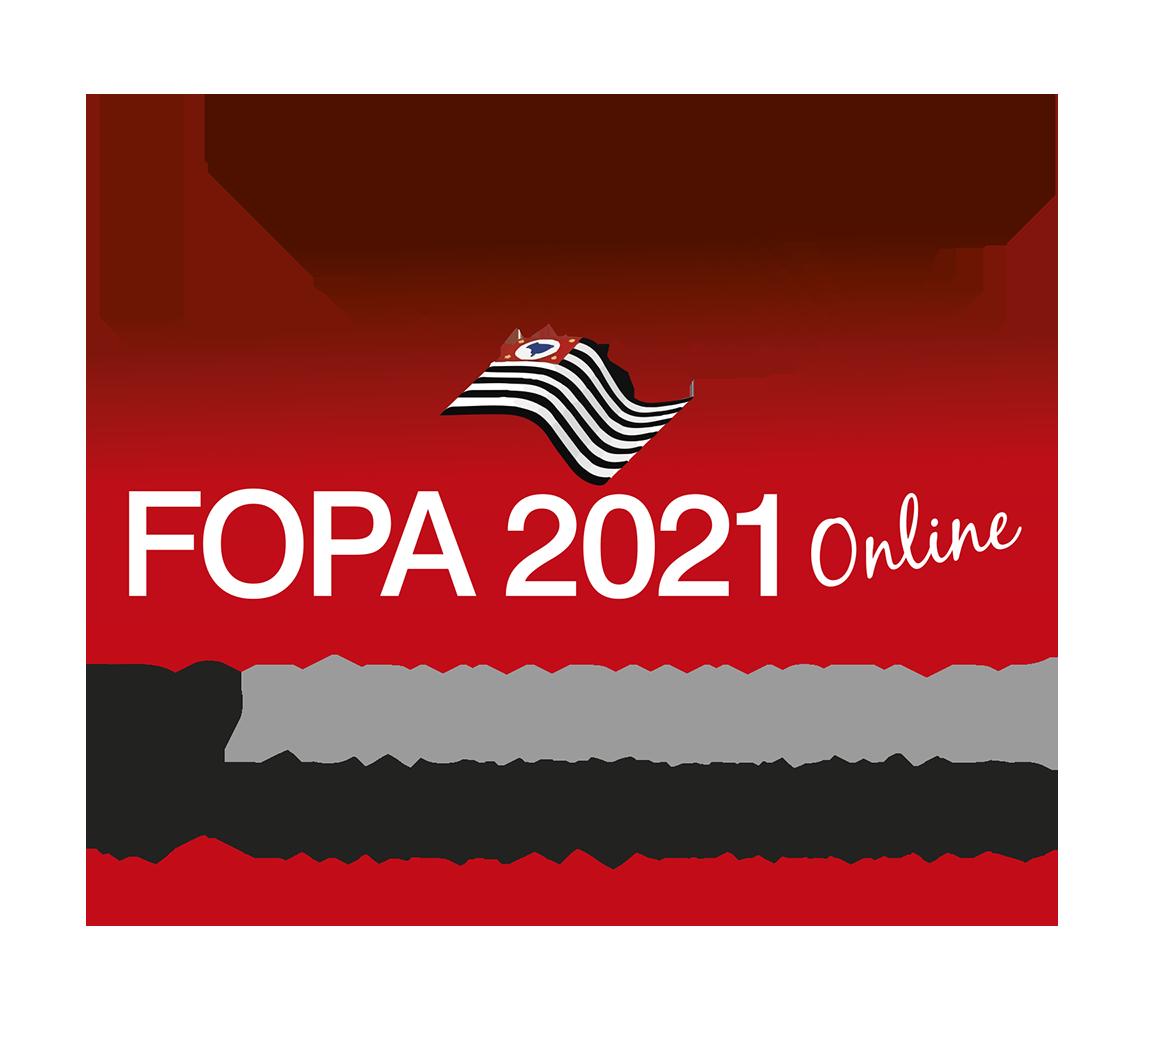 FOPA Online